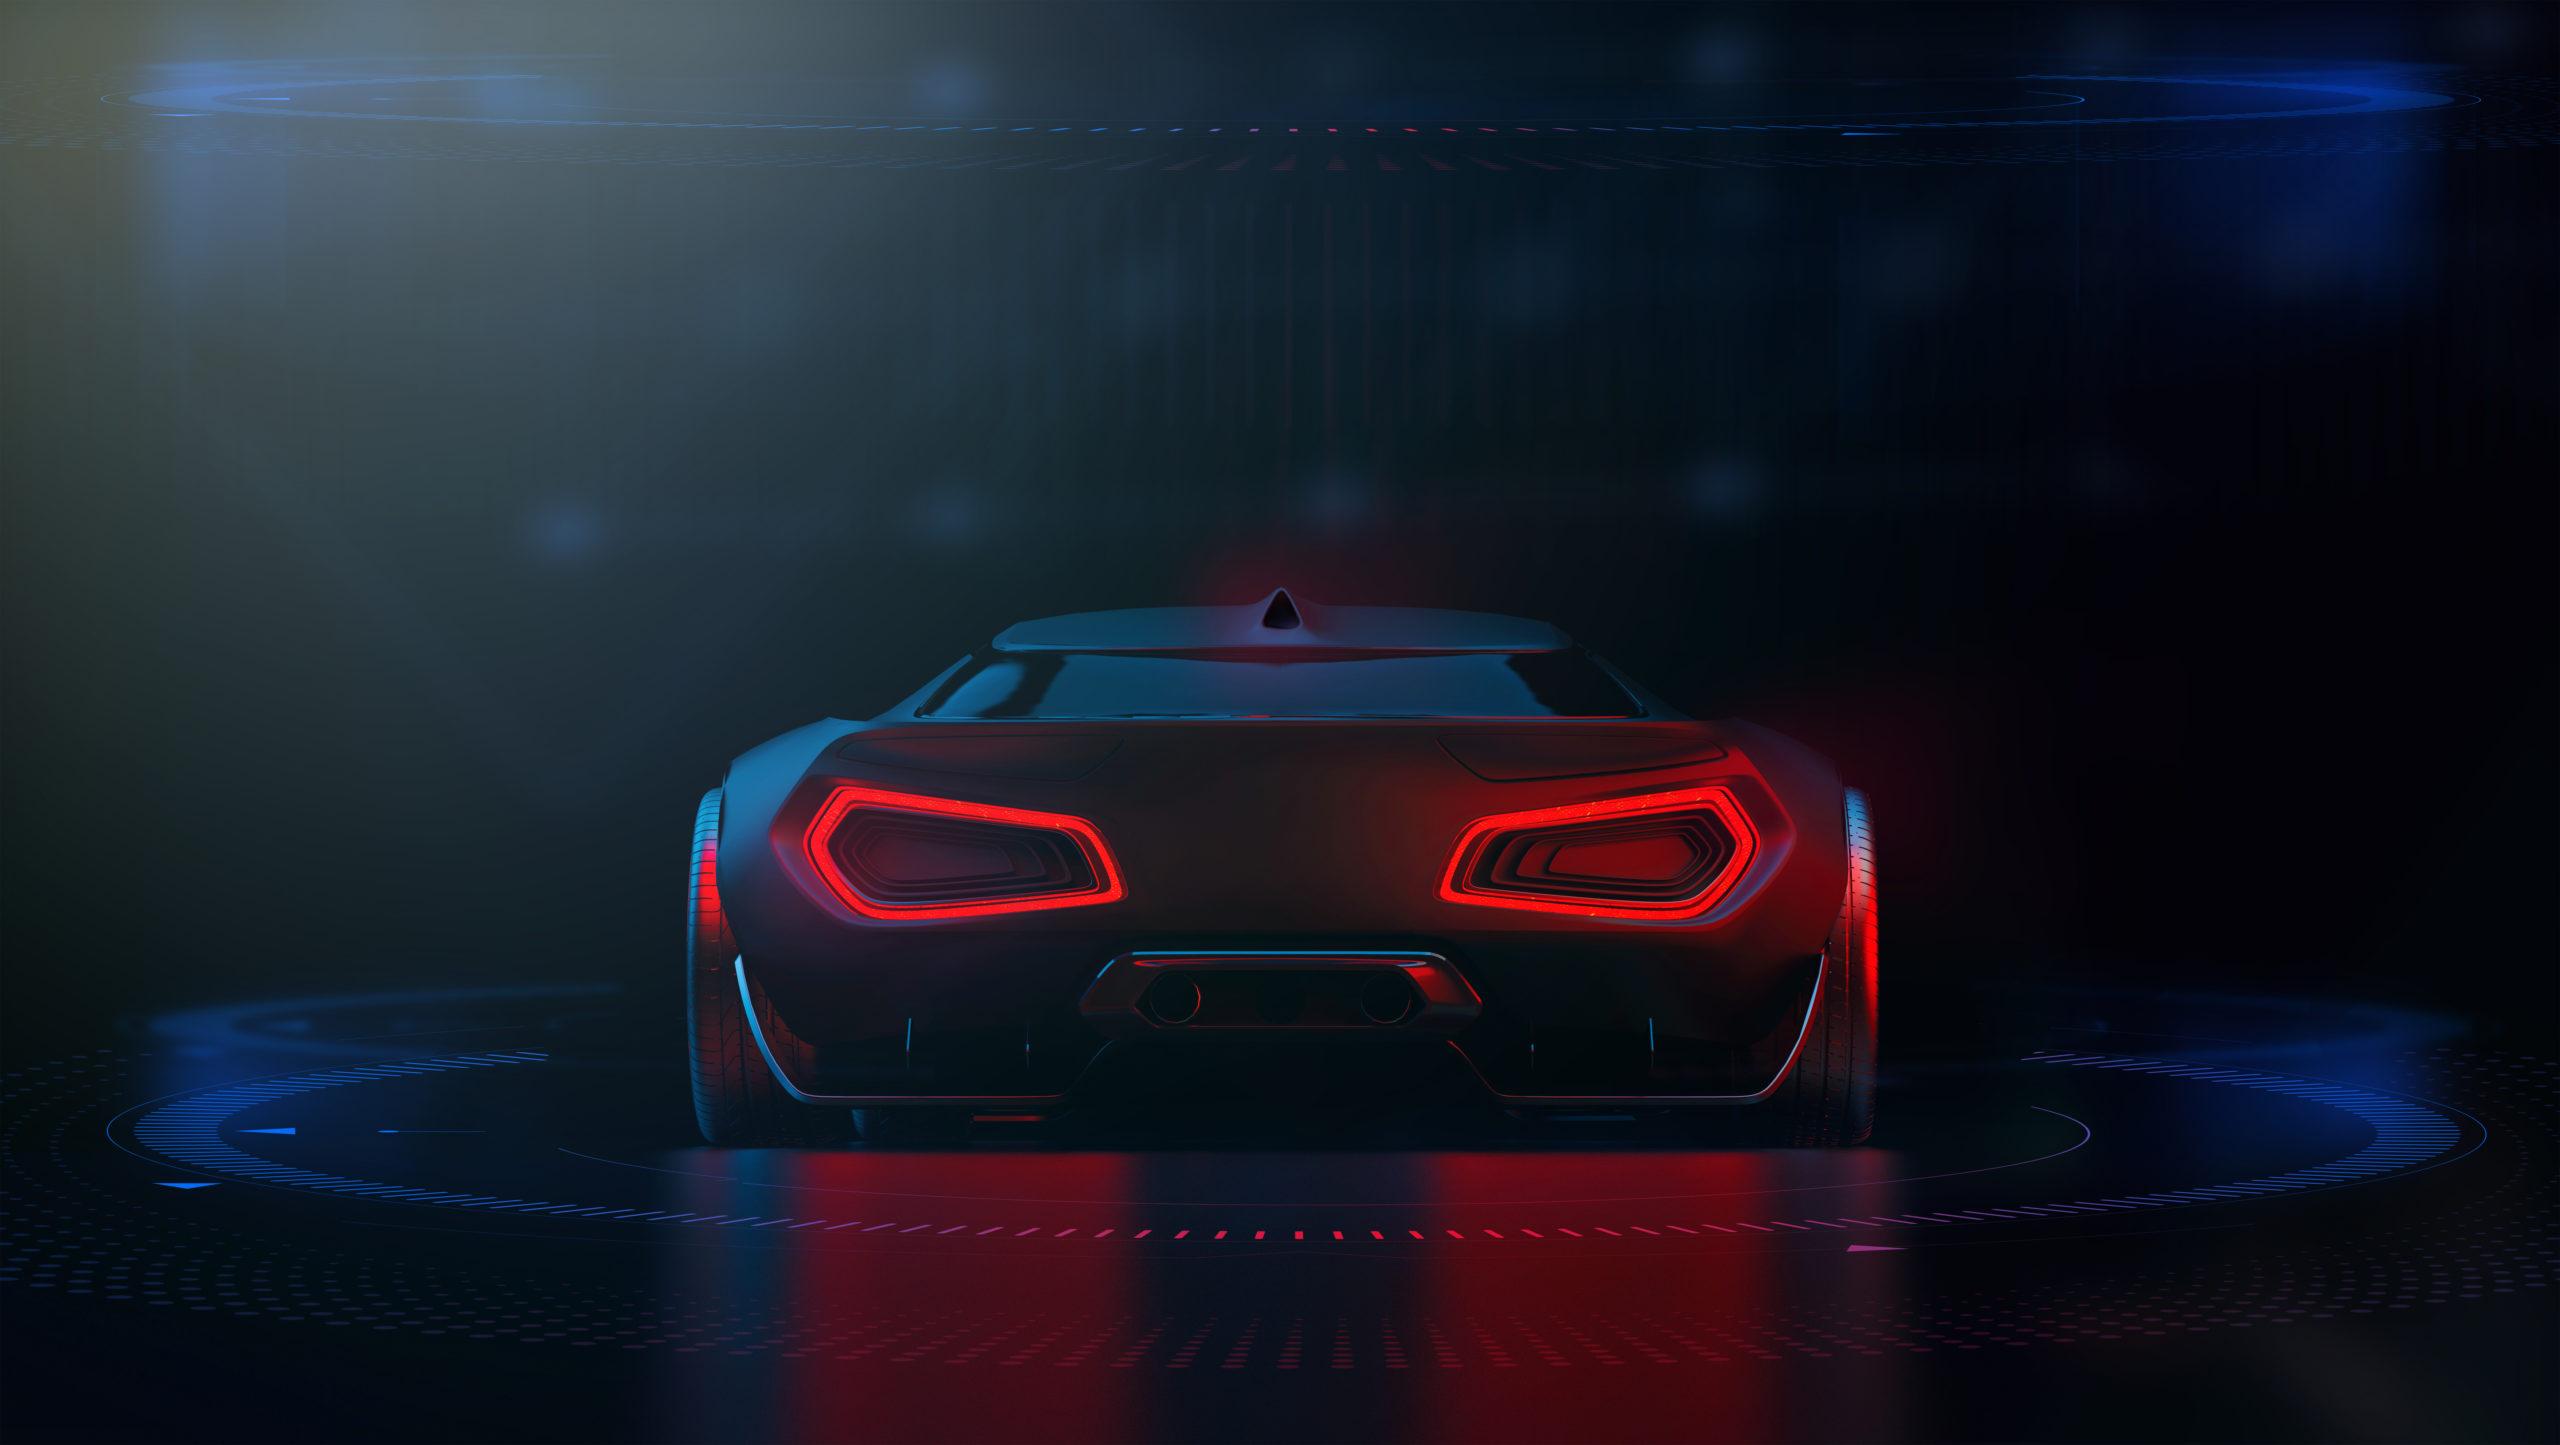 Fahrzeug von hinten, Rücklichter sichtbar